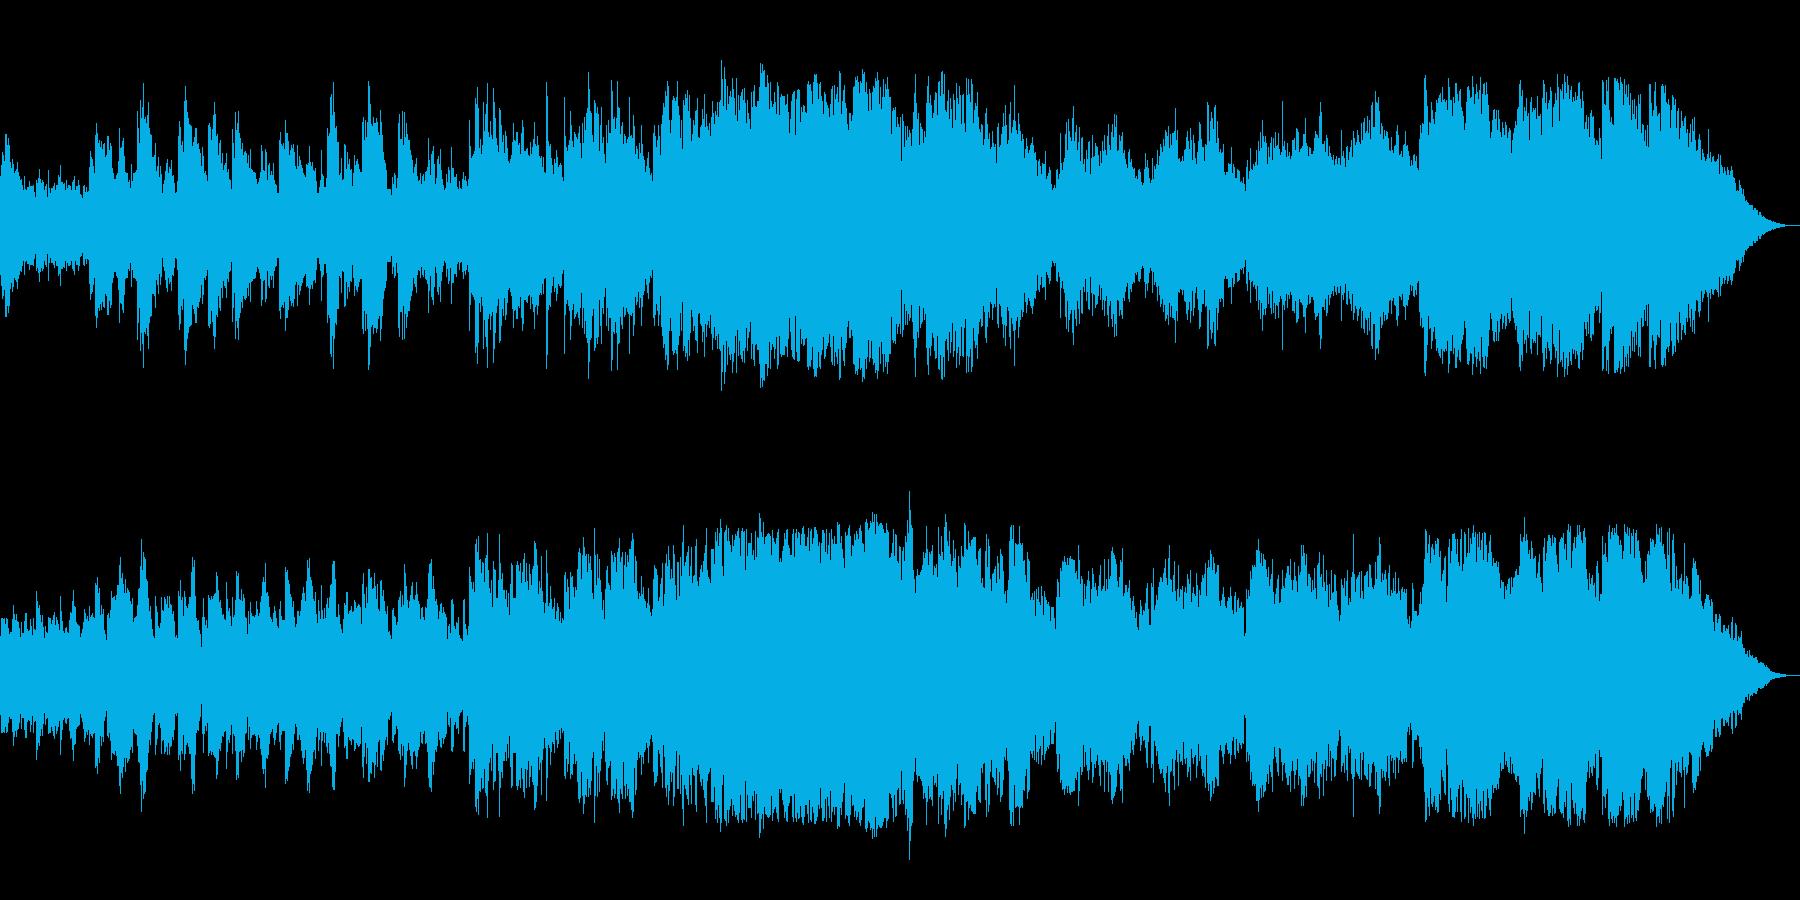 優しく温もりのあるメロディのピアノ曲の再生済みの波形